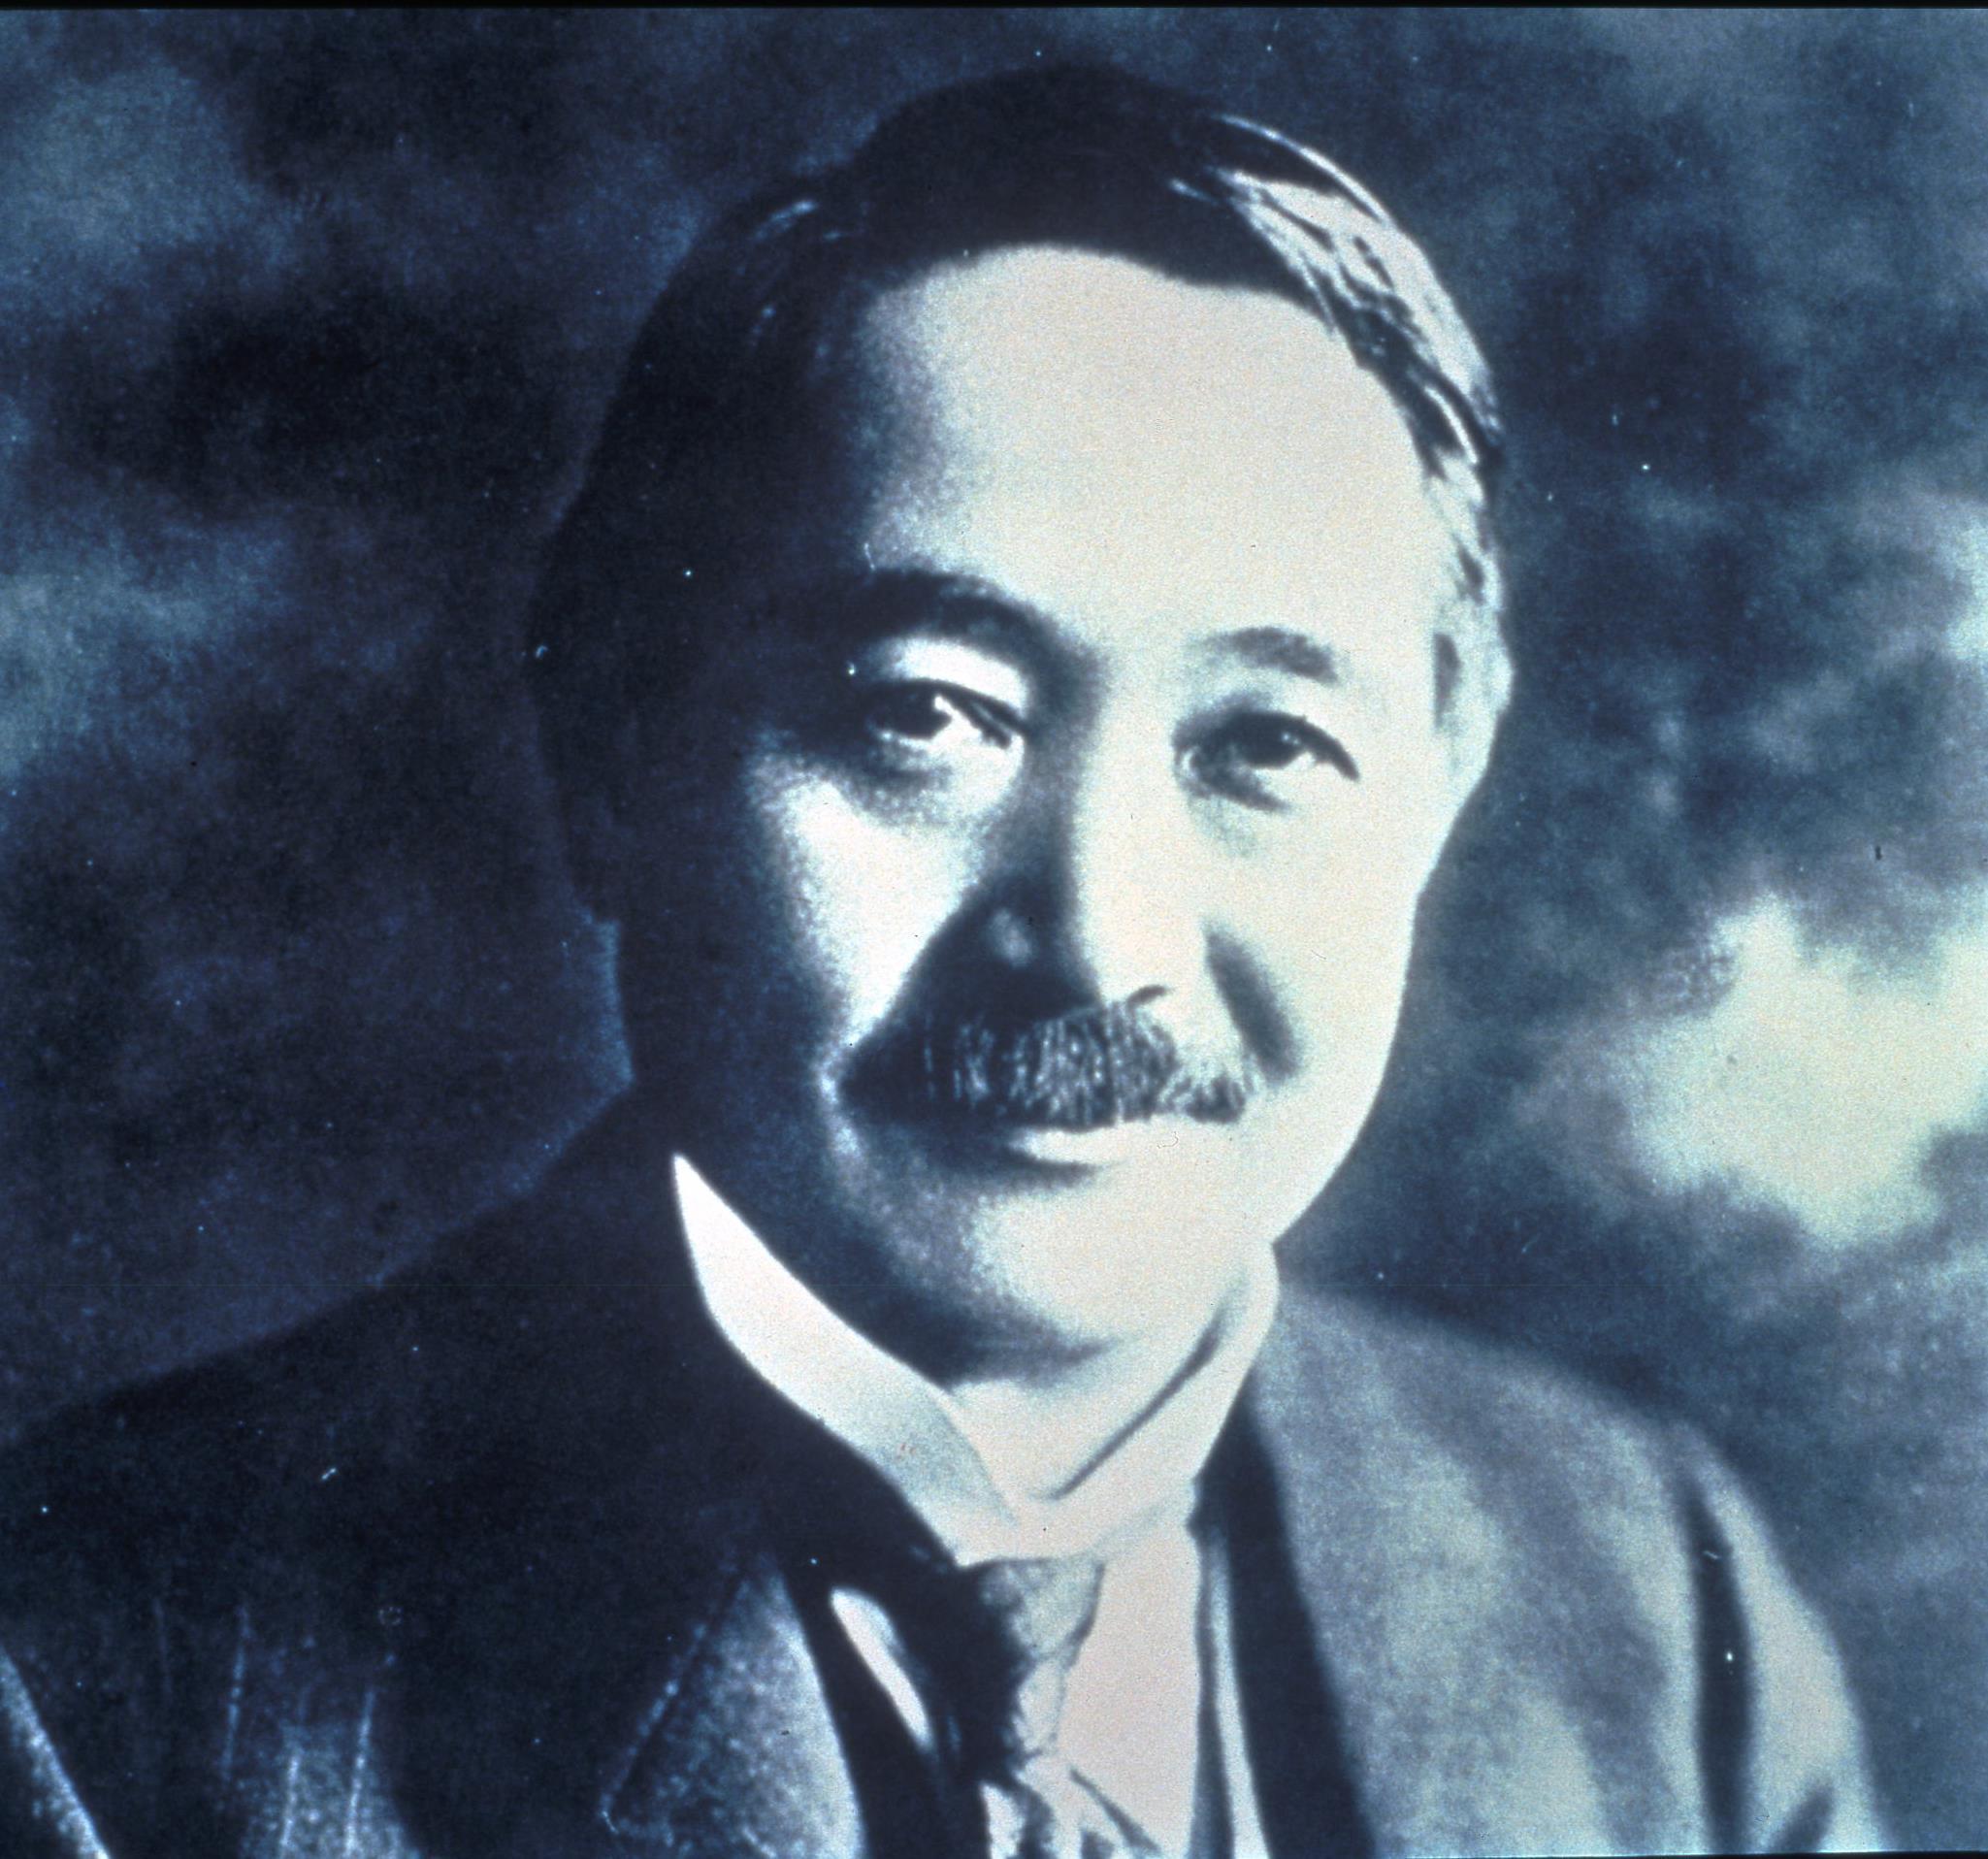 松方幸次郎 写真提供:川崎重工業株式会社